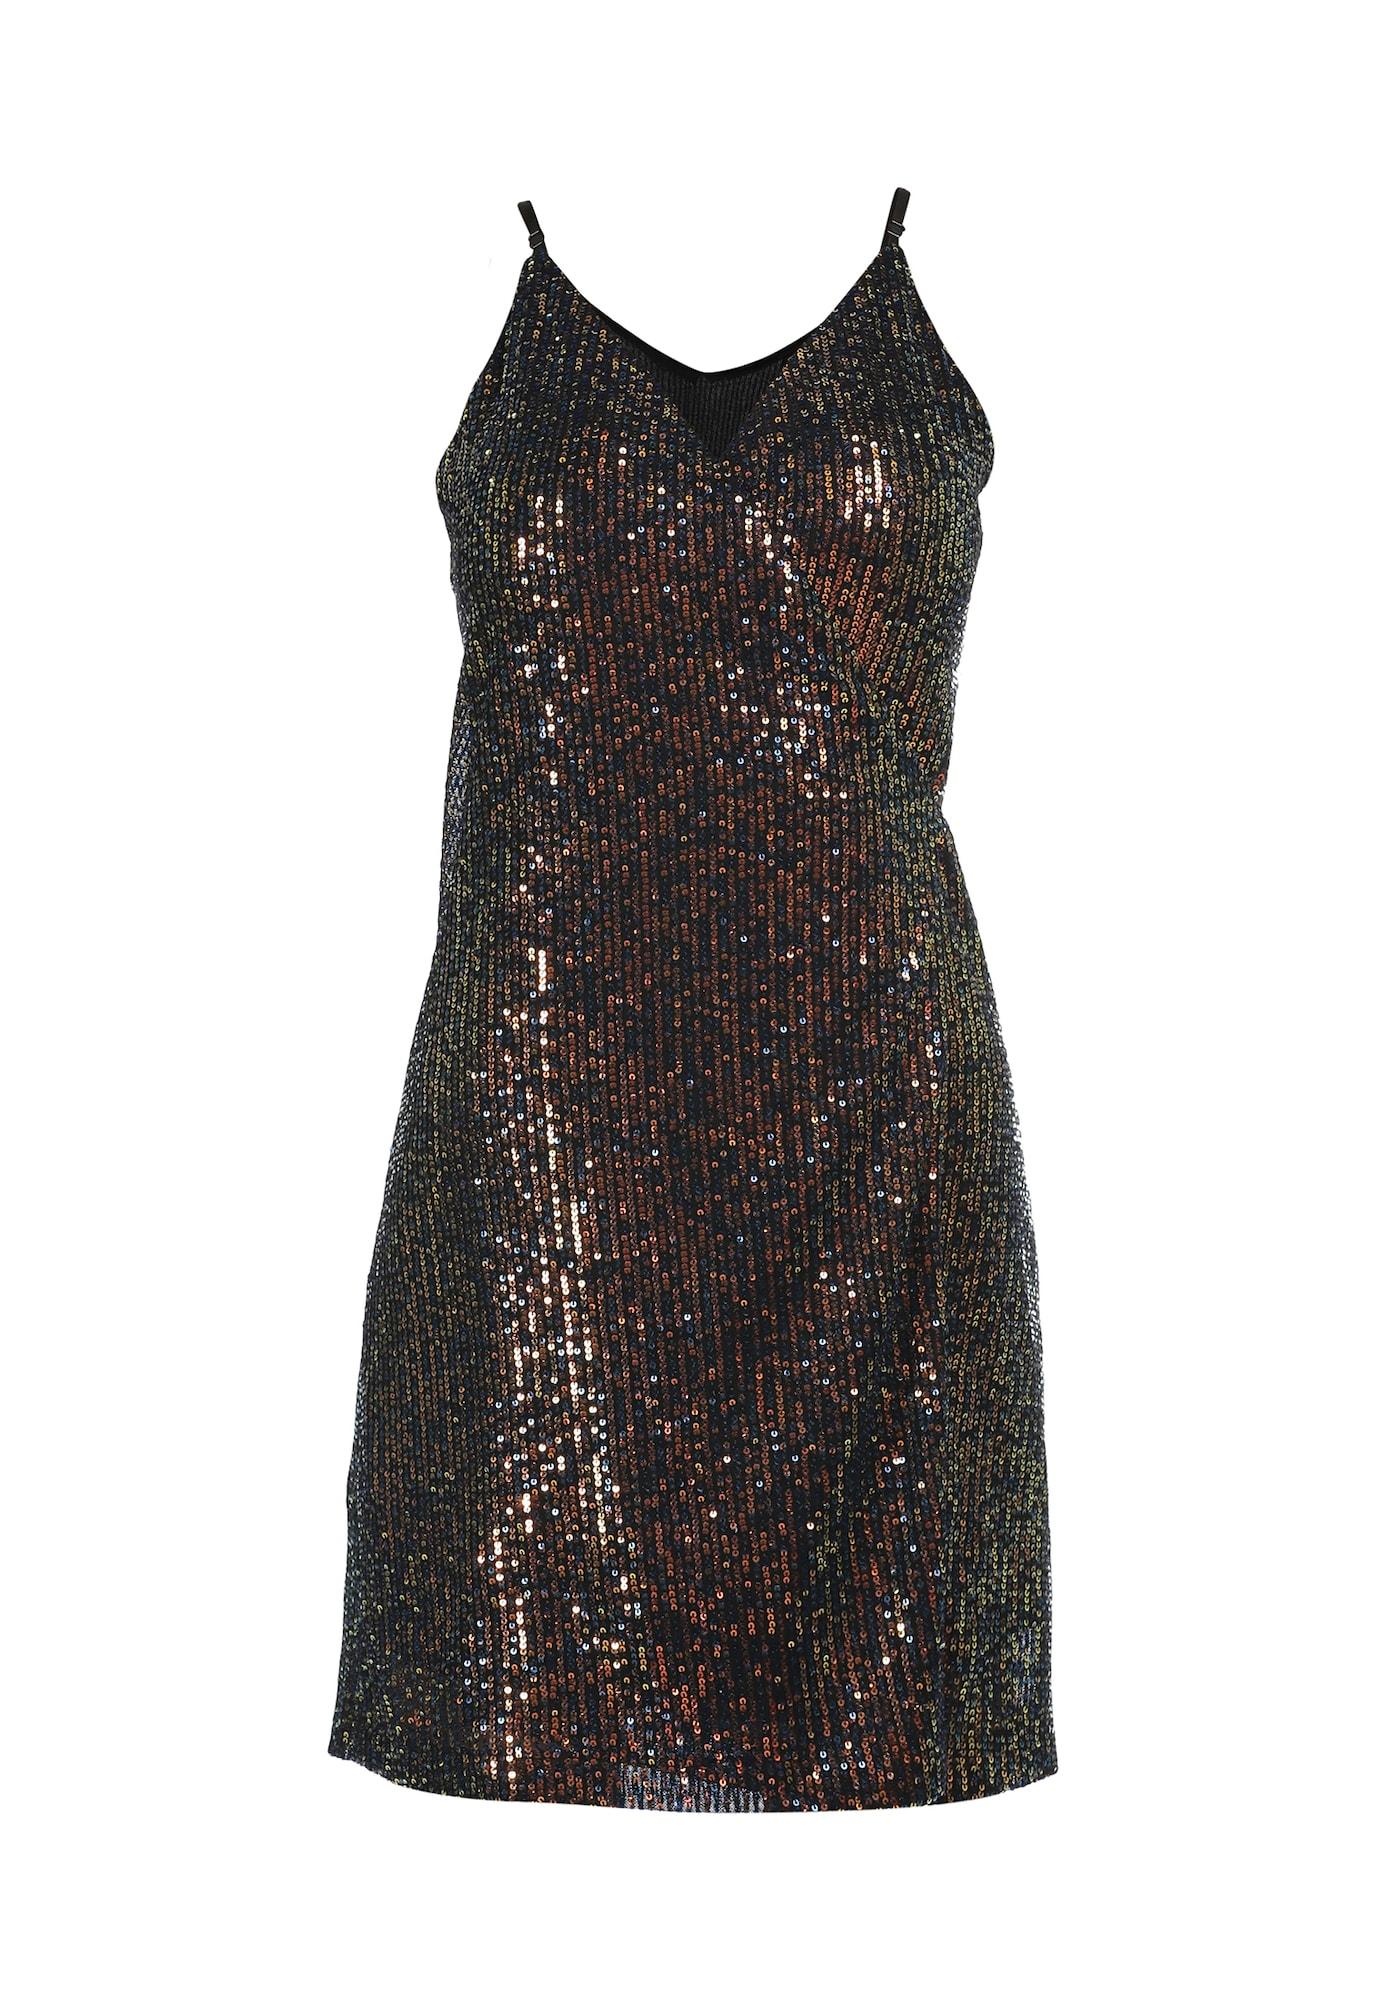 faina Kokteilinė suknelė mišrios spalvos / bazalto pilka